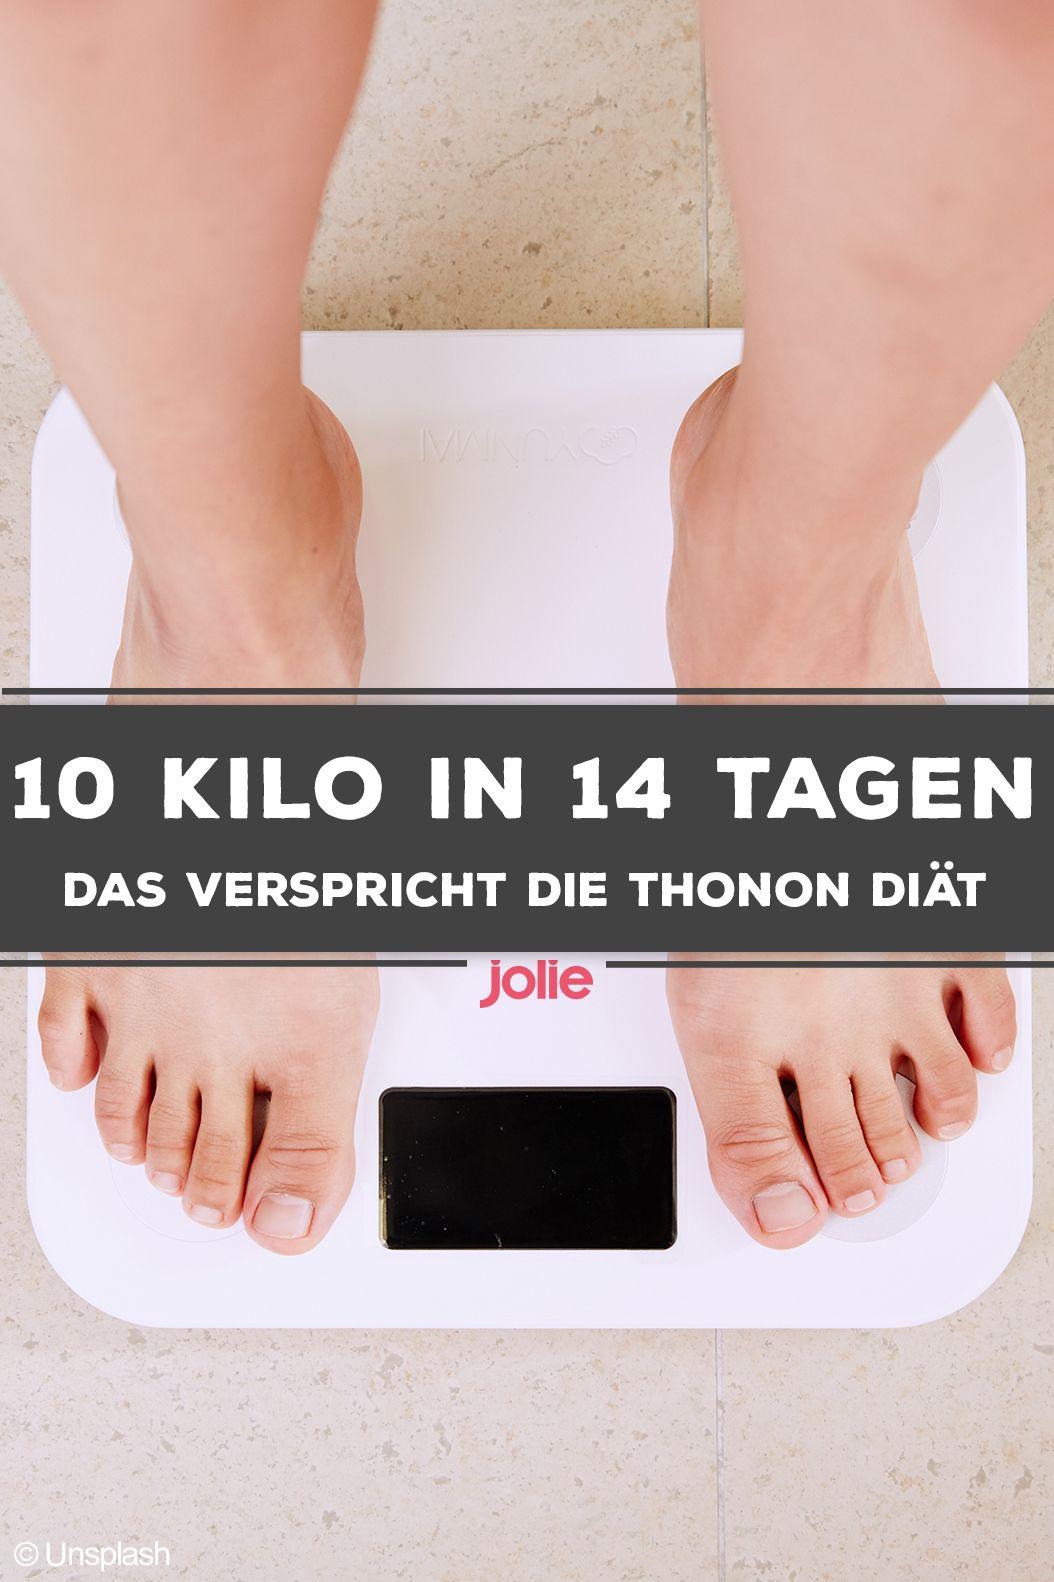 Planen Sie, in einer Woche 10 Kilo abzunehmen